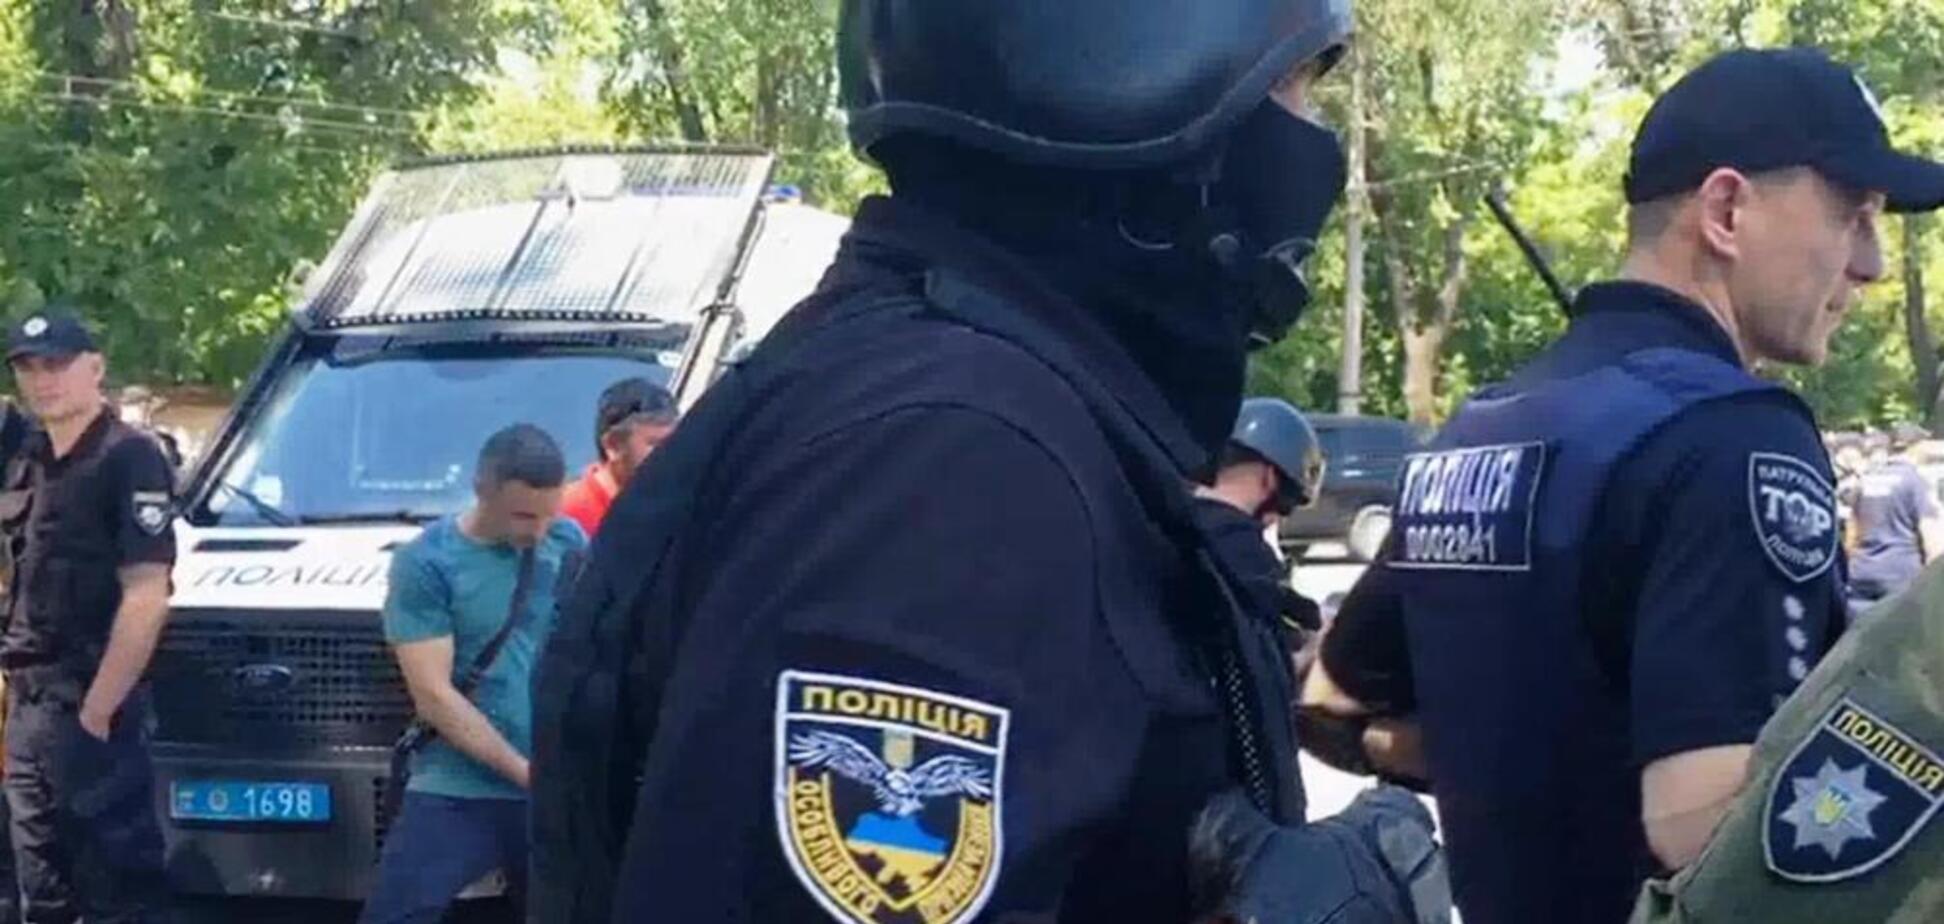 Бунт в одесской колонии: появились новые подробности. Фото и видео